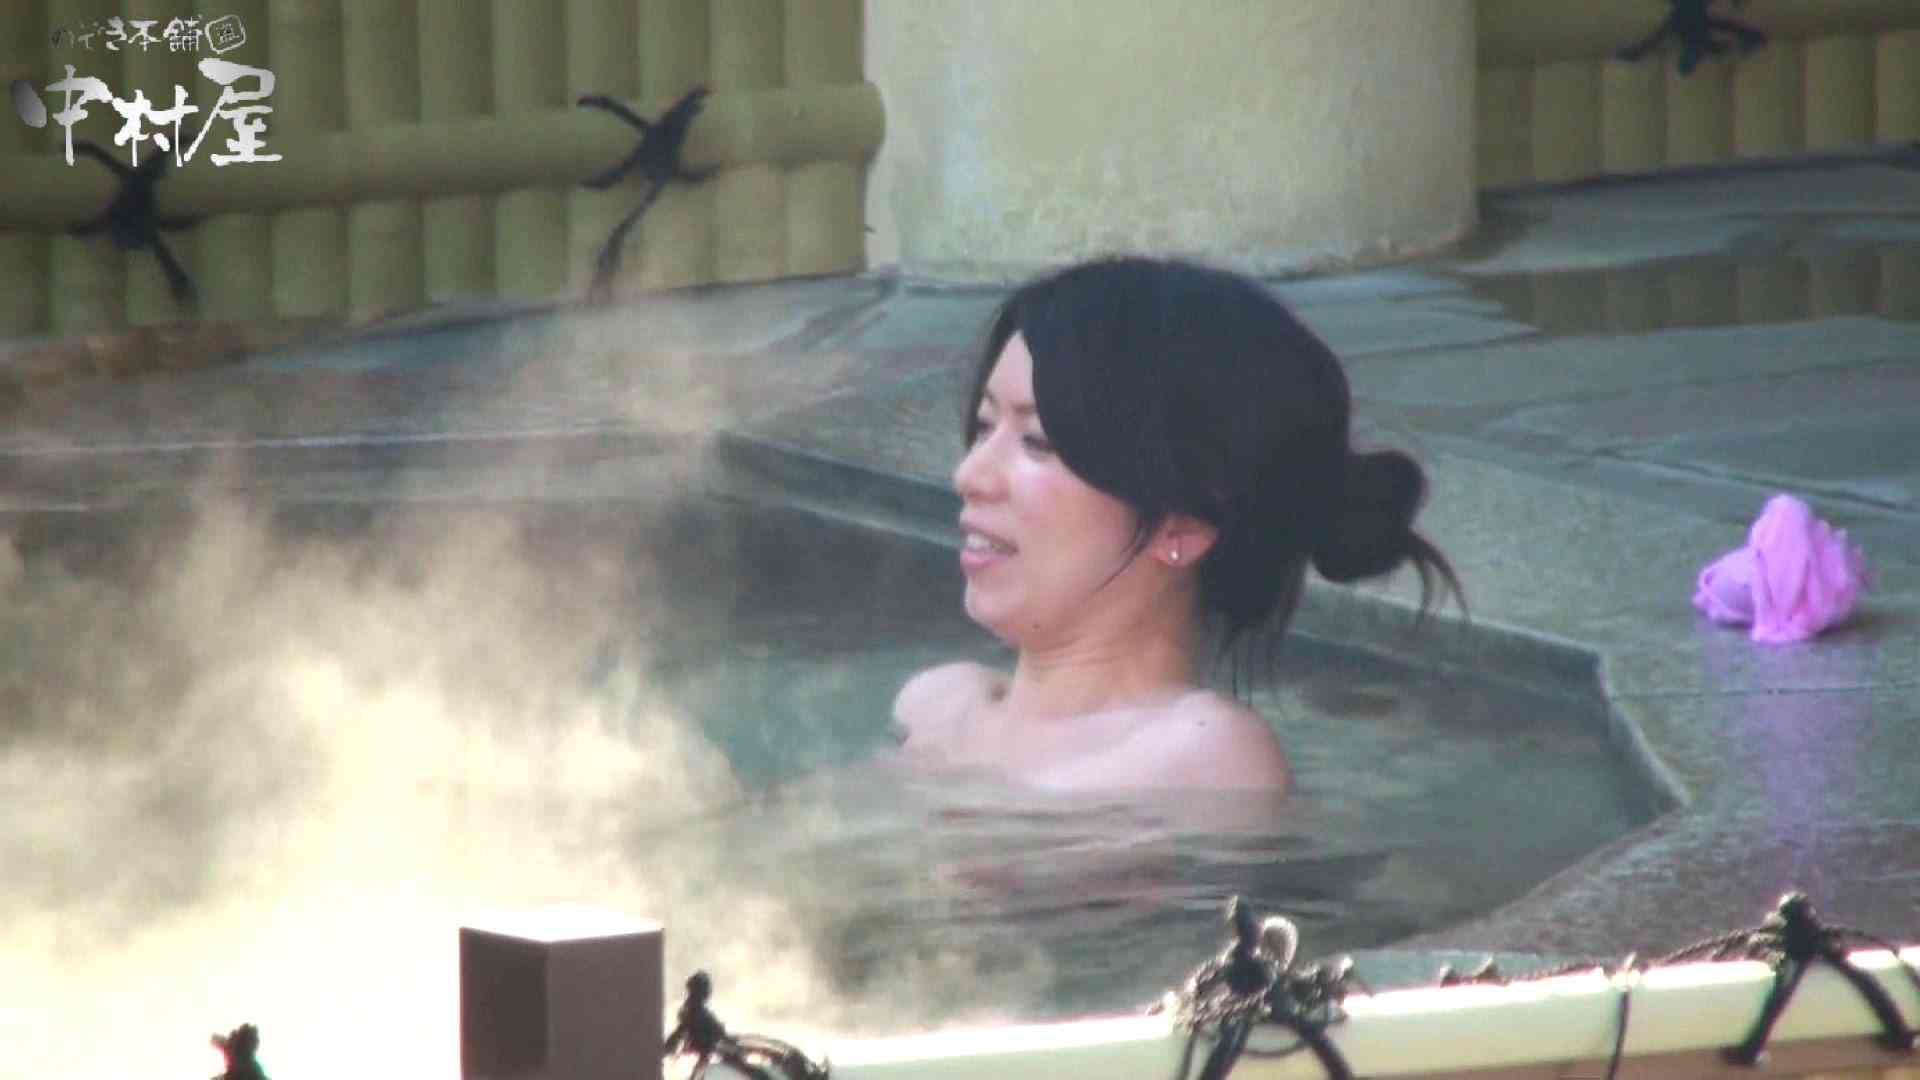 Aquaな露天風呂Vol.919 OLのエロ生活  91連発 36